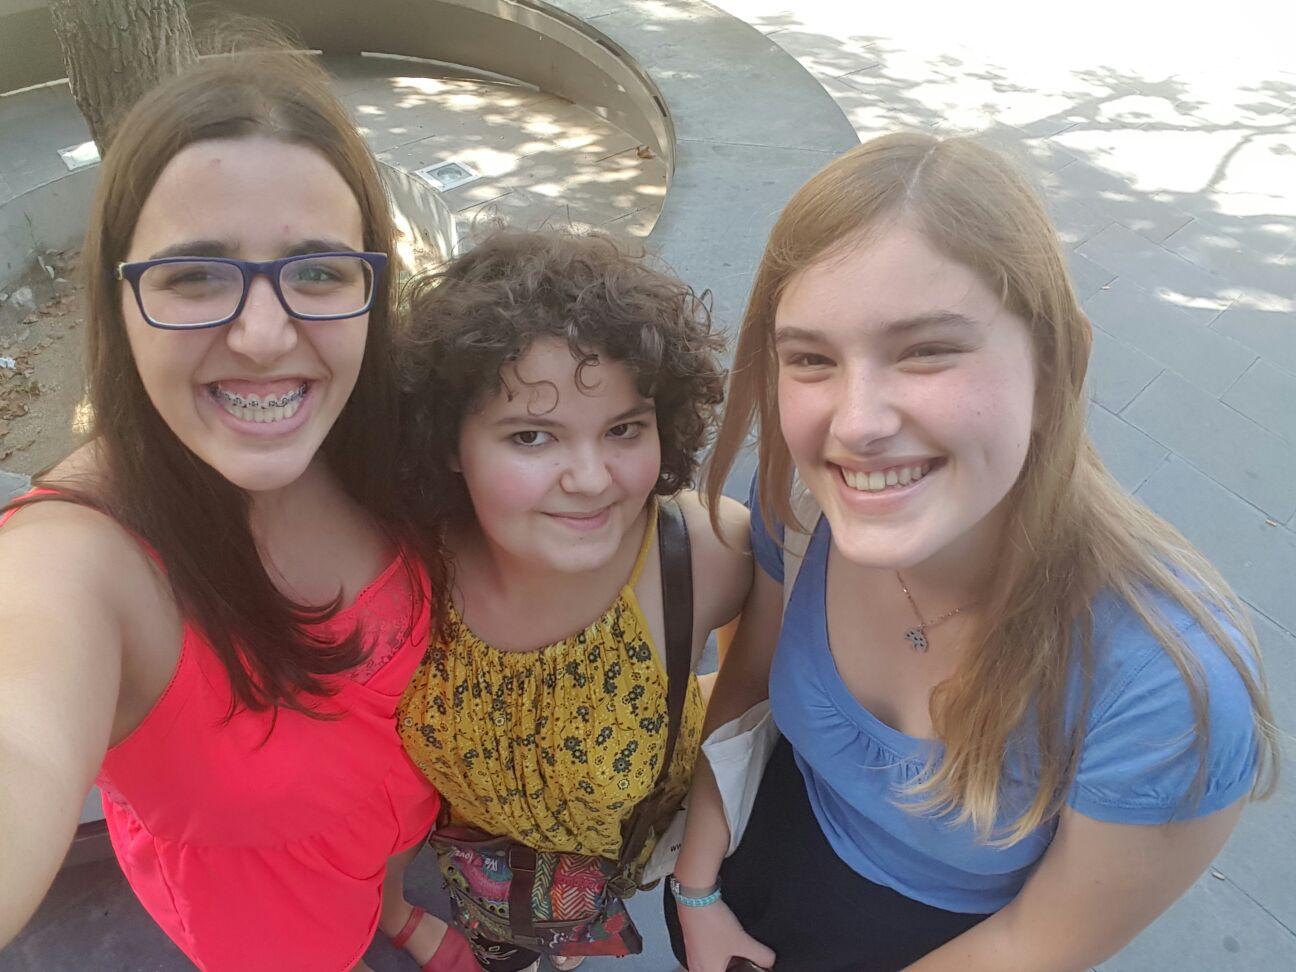 D'esquerra a dreta: Ivilsa, Mixa i Mauqui